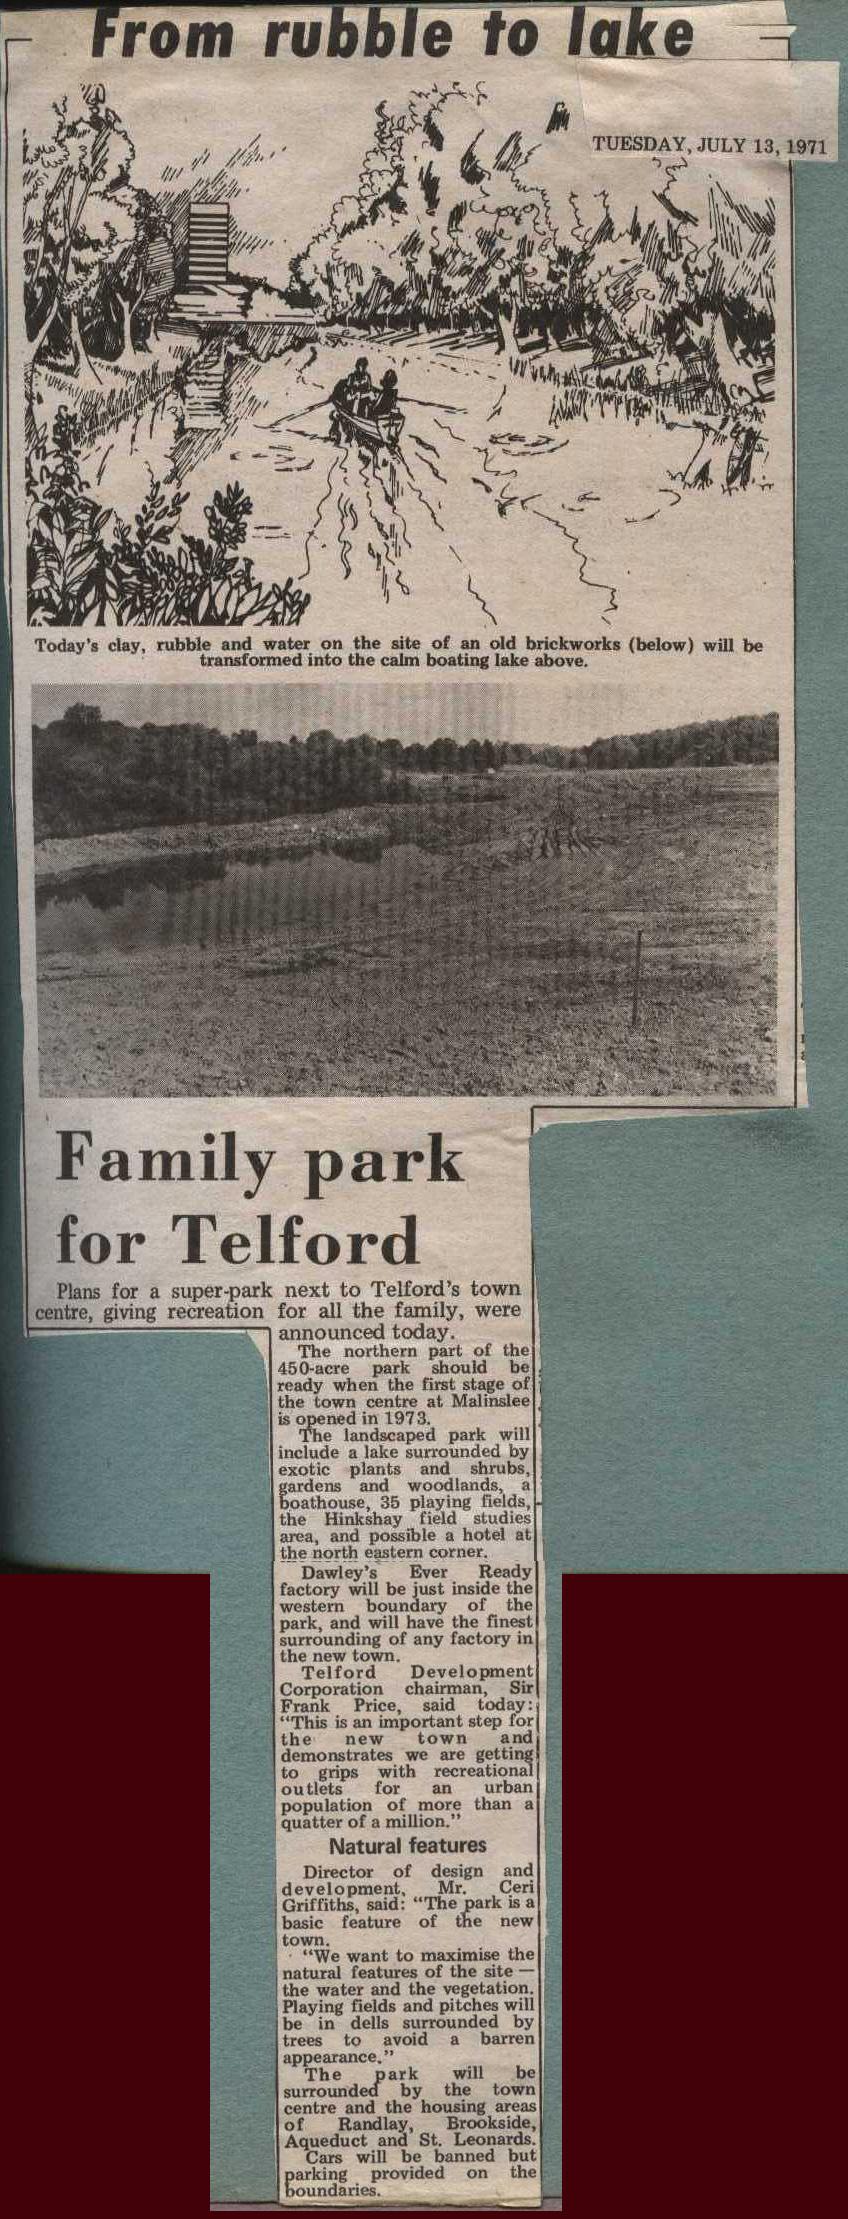 Family Park for Telford